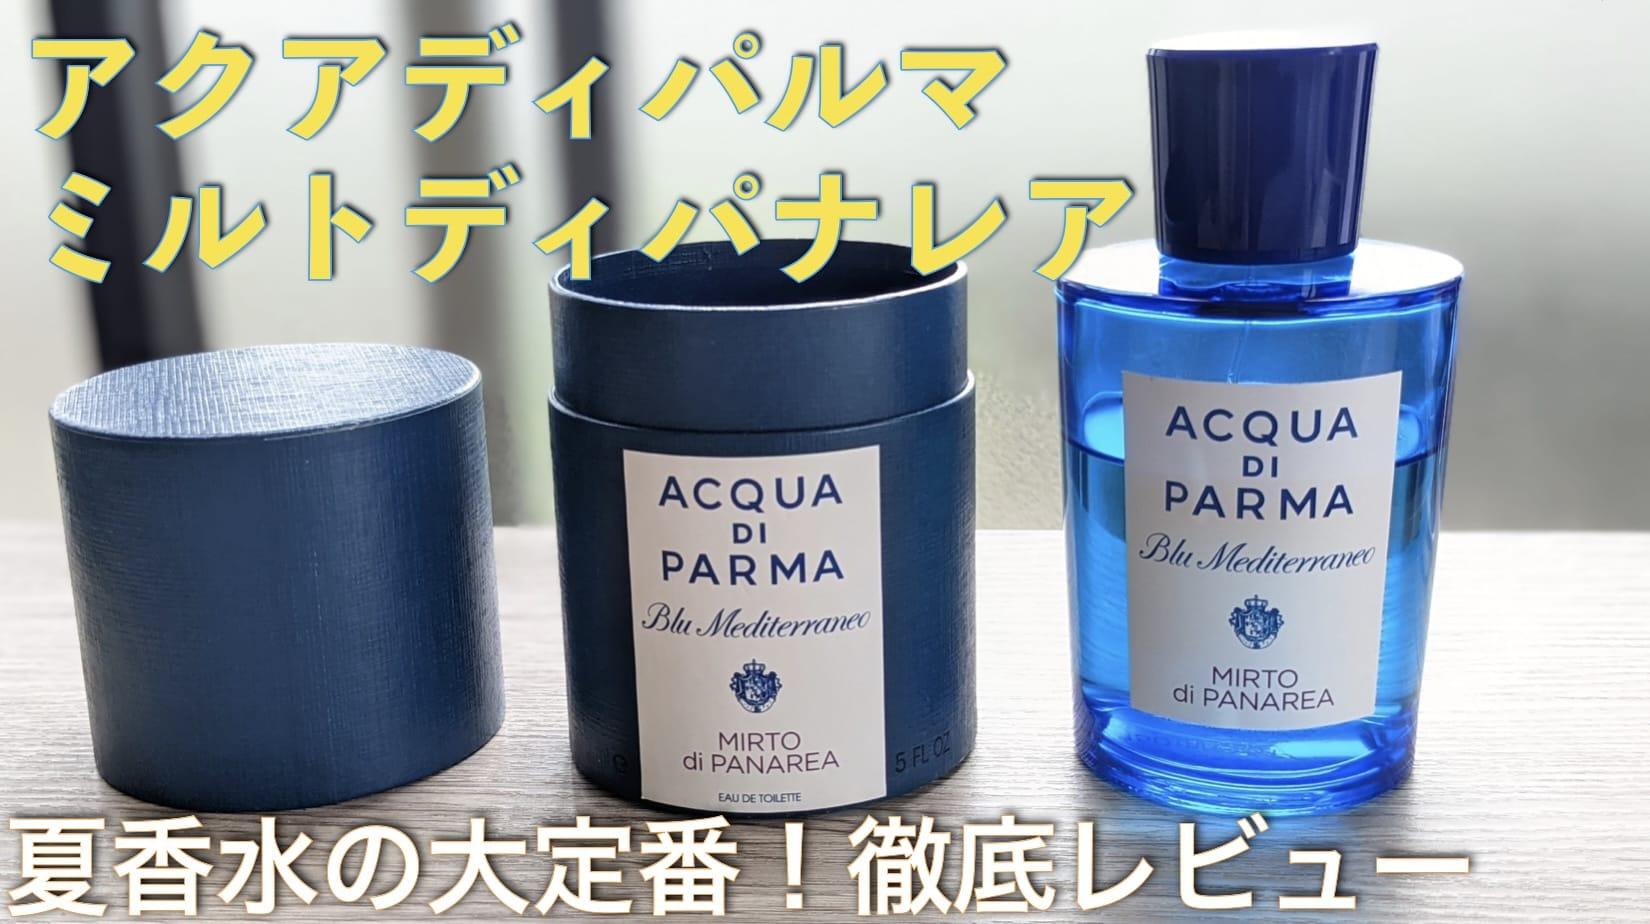 【口コミ評判】アクアディパルマ・ミルトのレビュー!【おすすめ夏香水】サムネイル画像